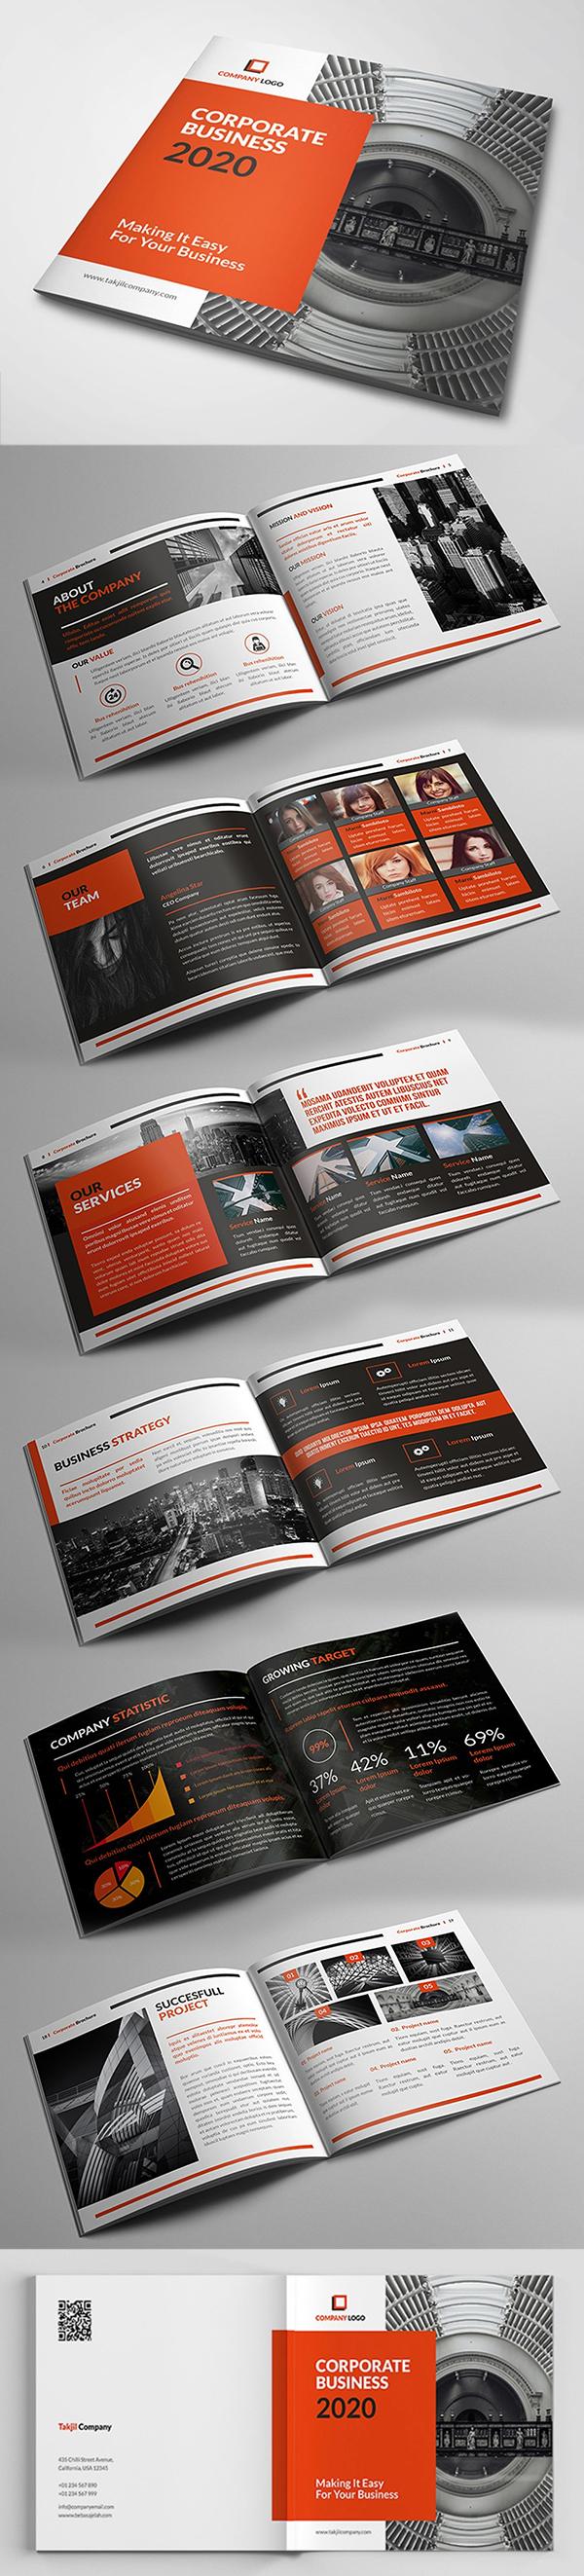 Plantilla de folletos profesionales corporativo cuadrado